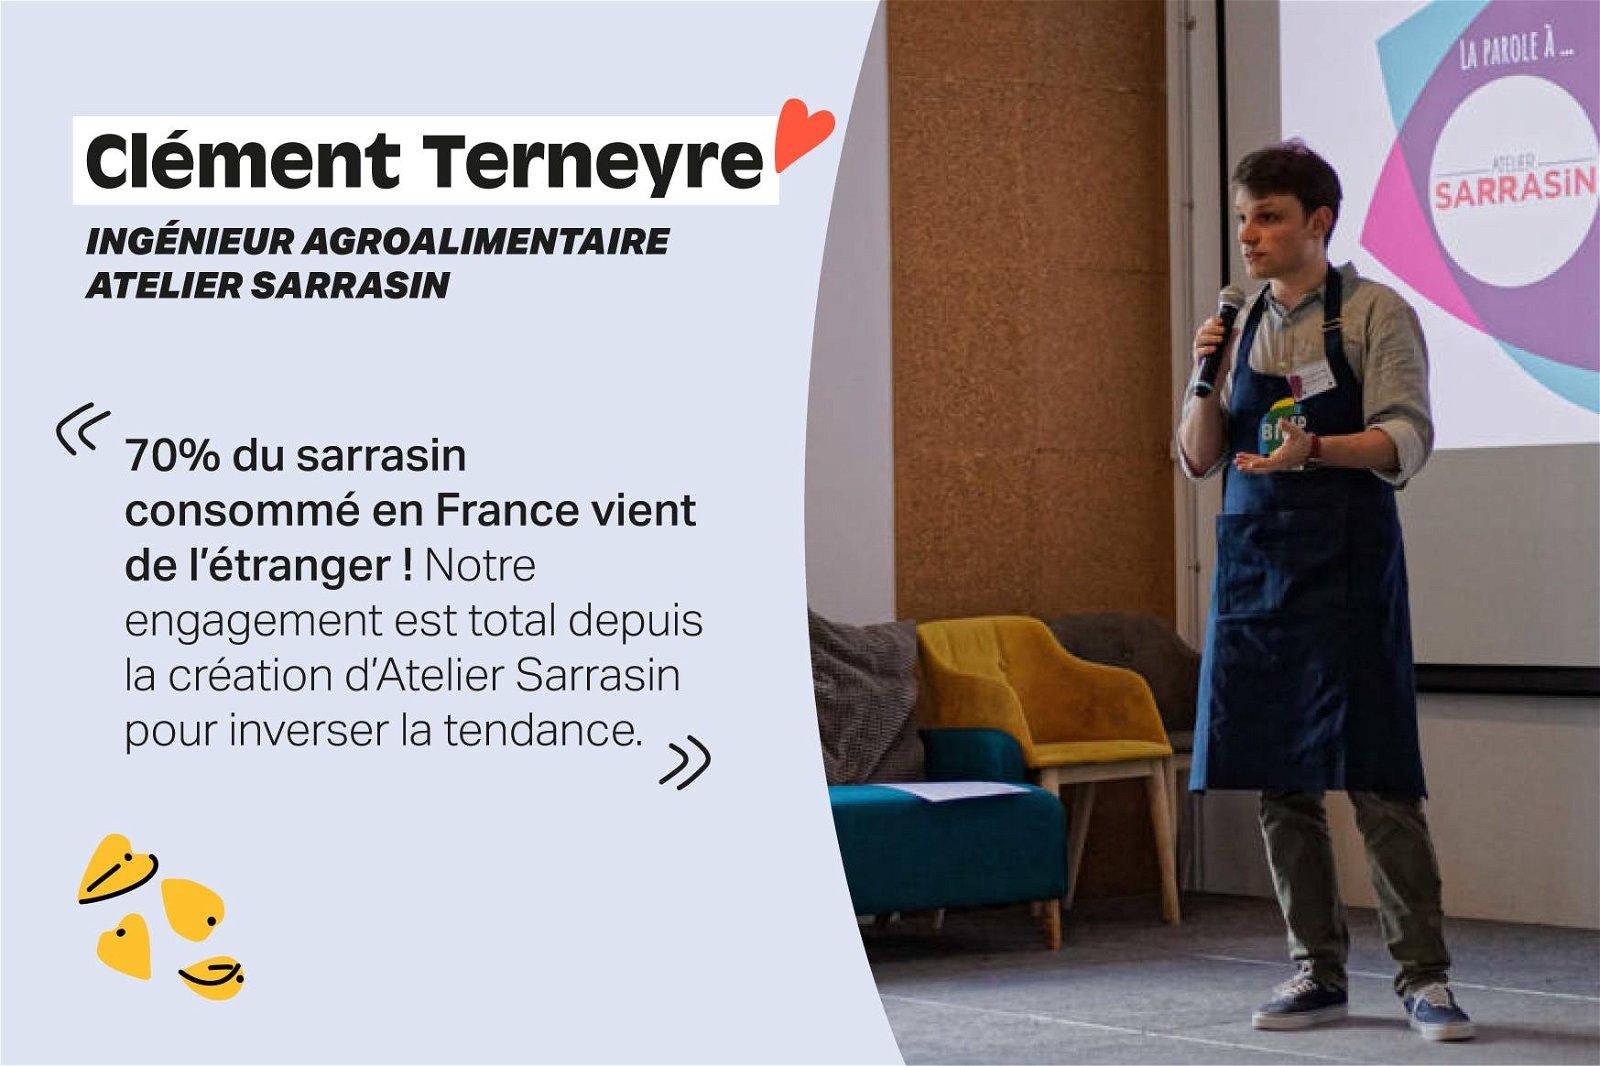 sarrasin bio français